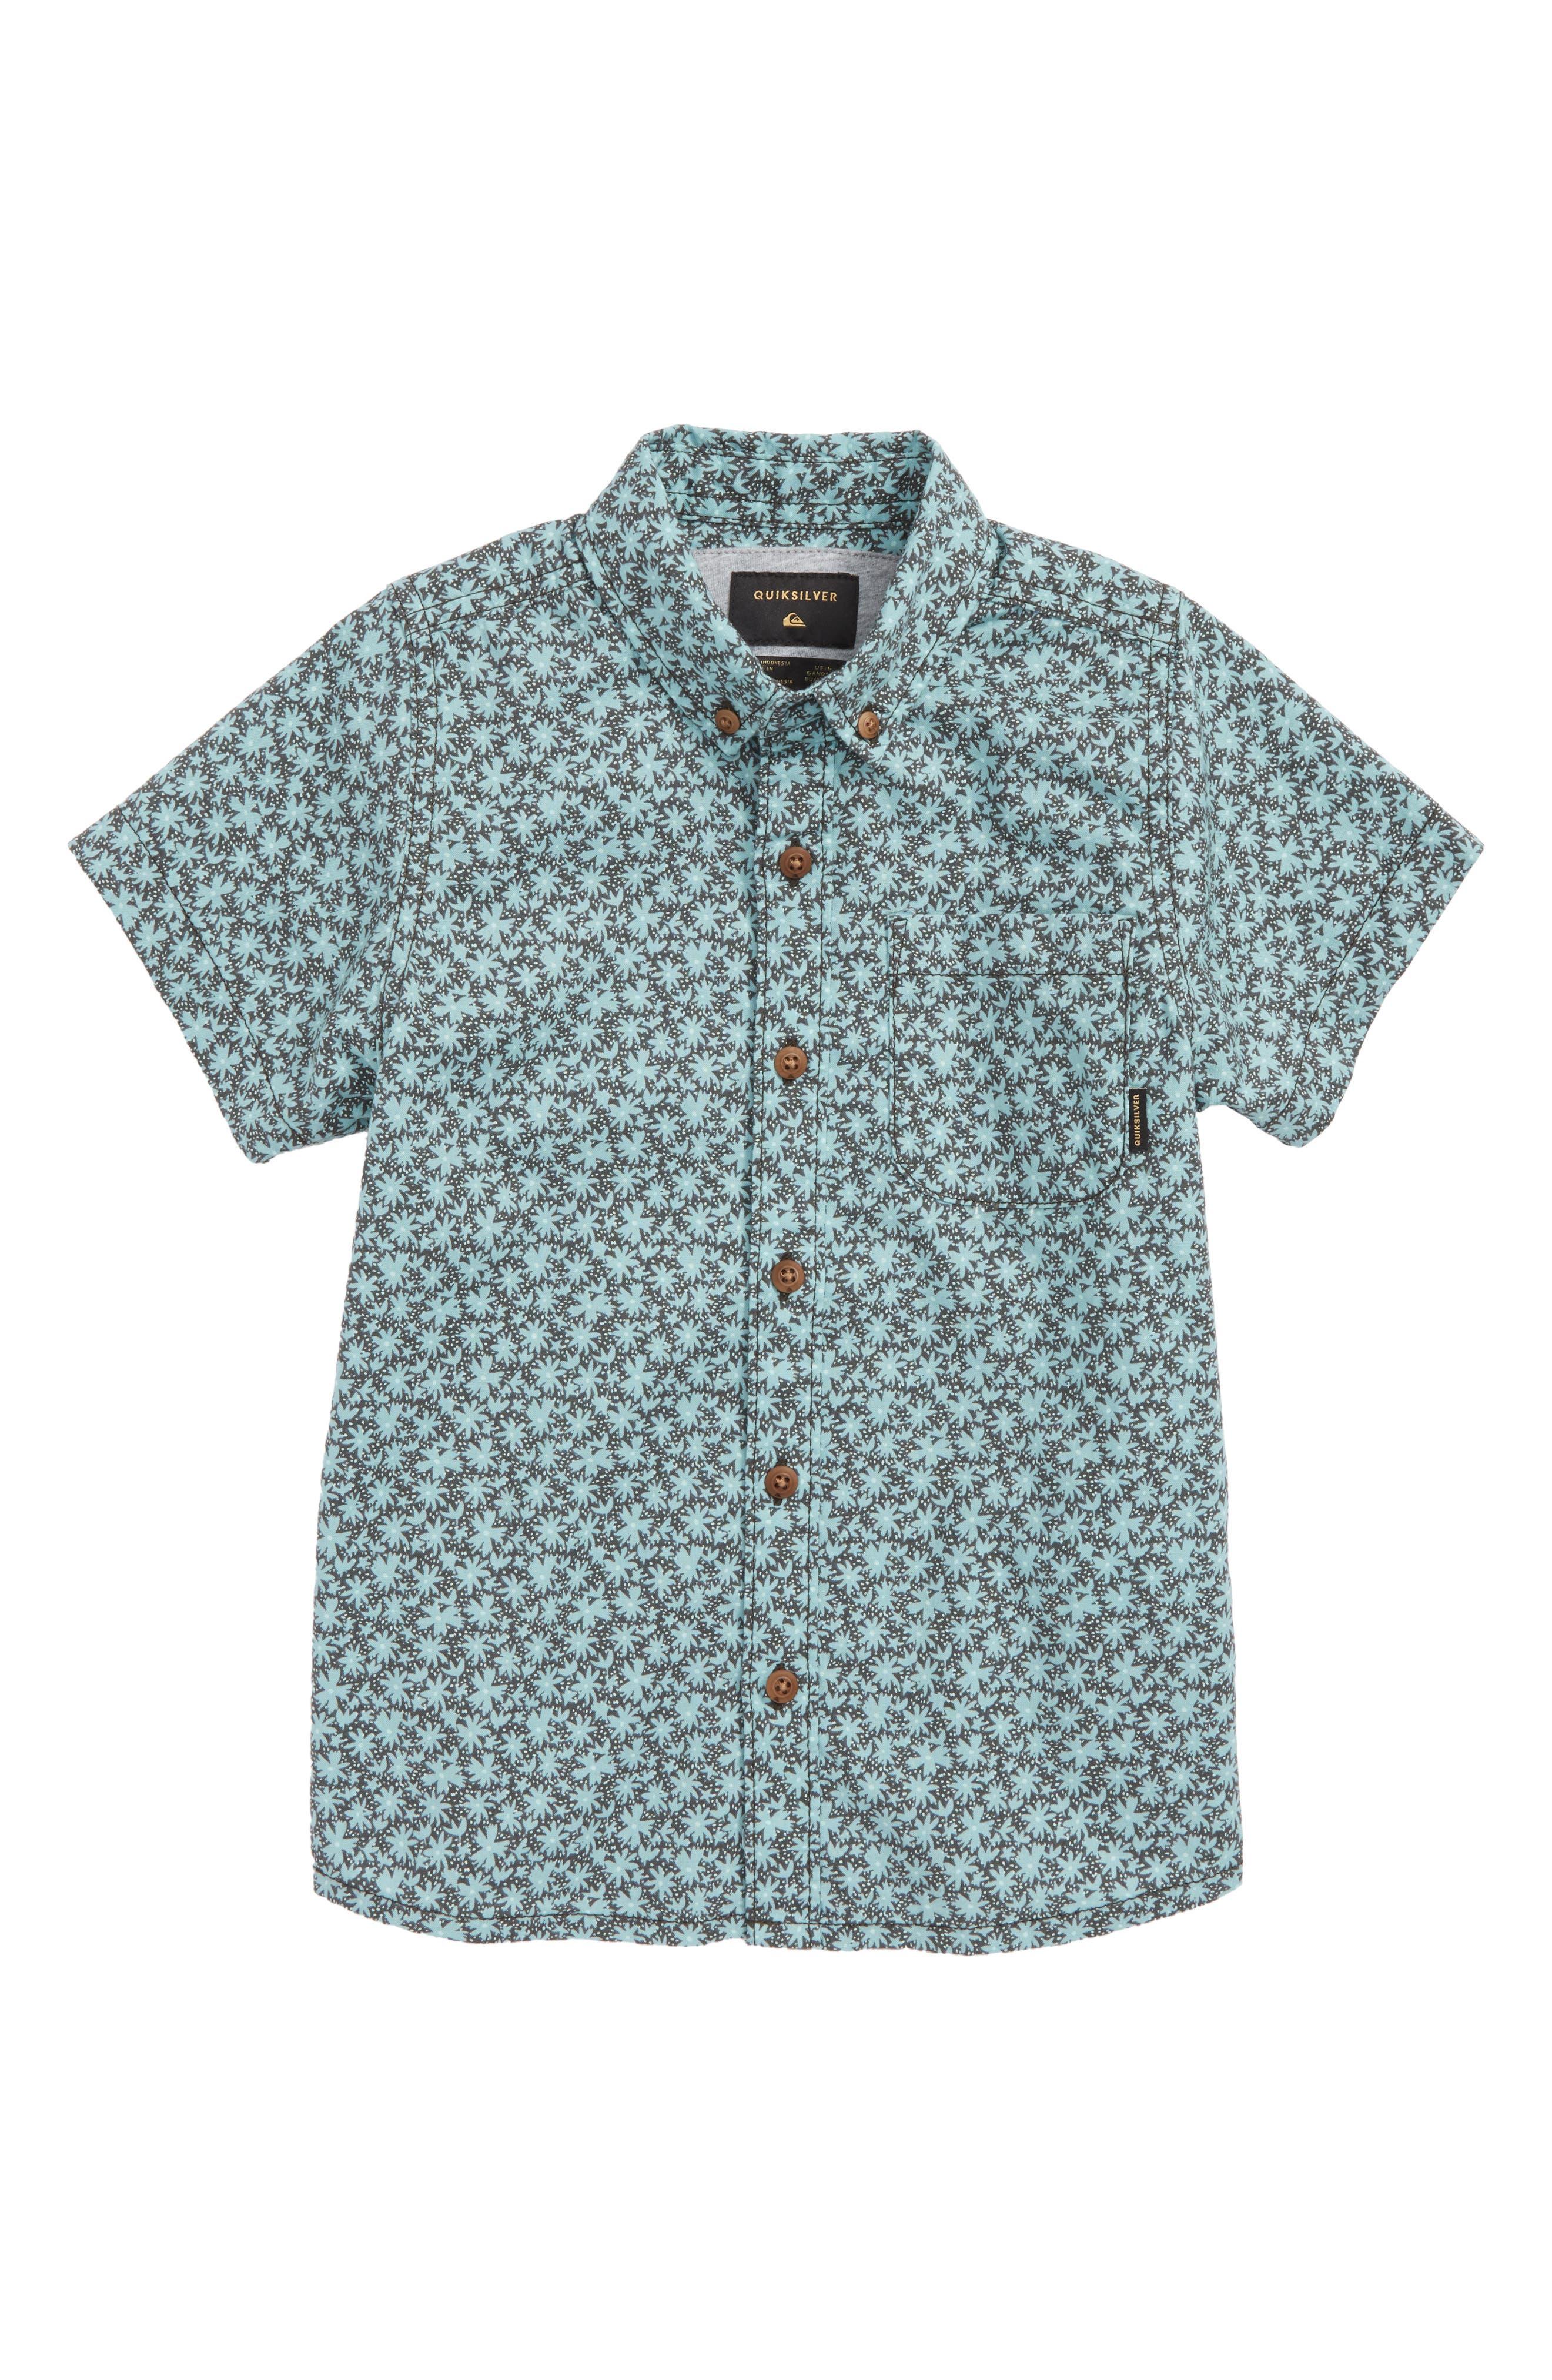 Minikani Woven Shirt,                             Main thumbnail 1, color,                             Tarmac